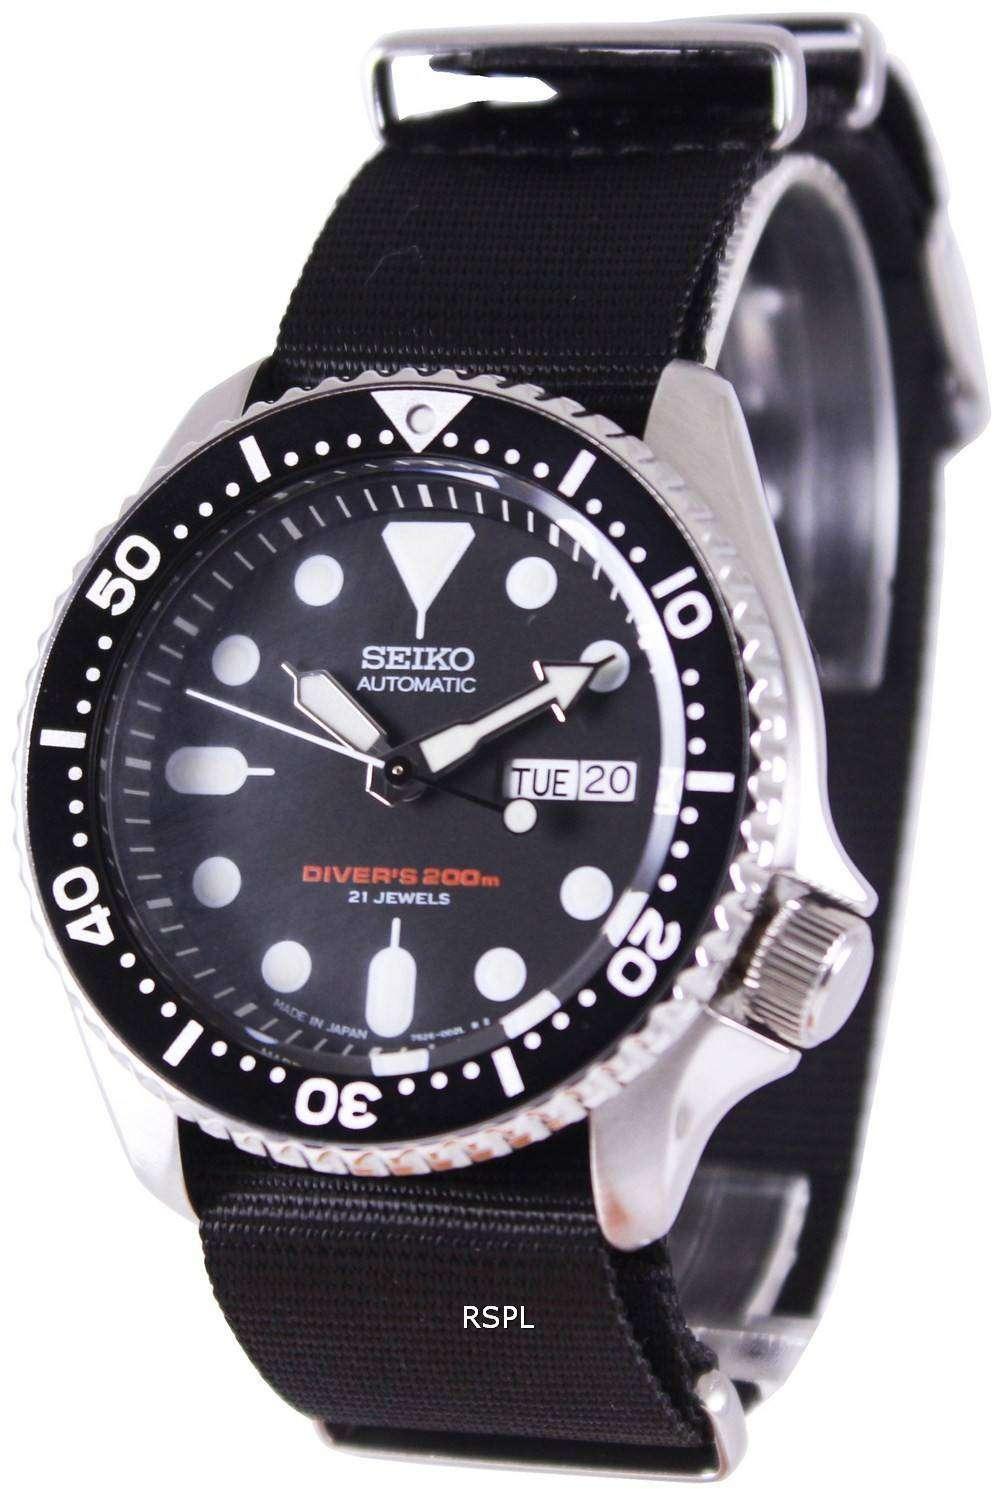 Seiko Automatic Diver's 200M NATO Strap SKX007J1-NATO4 ...